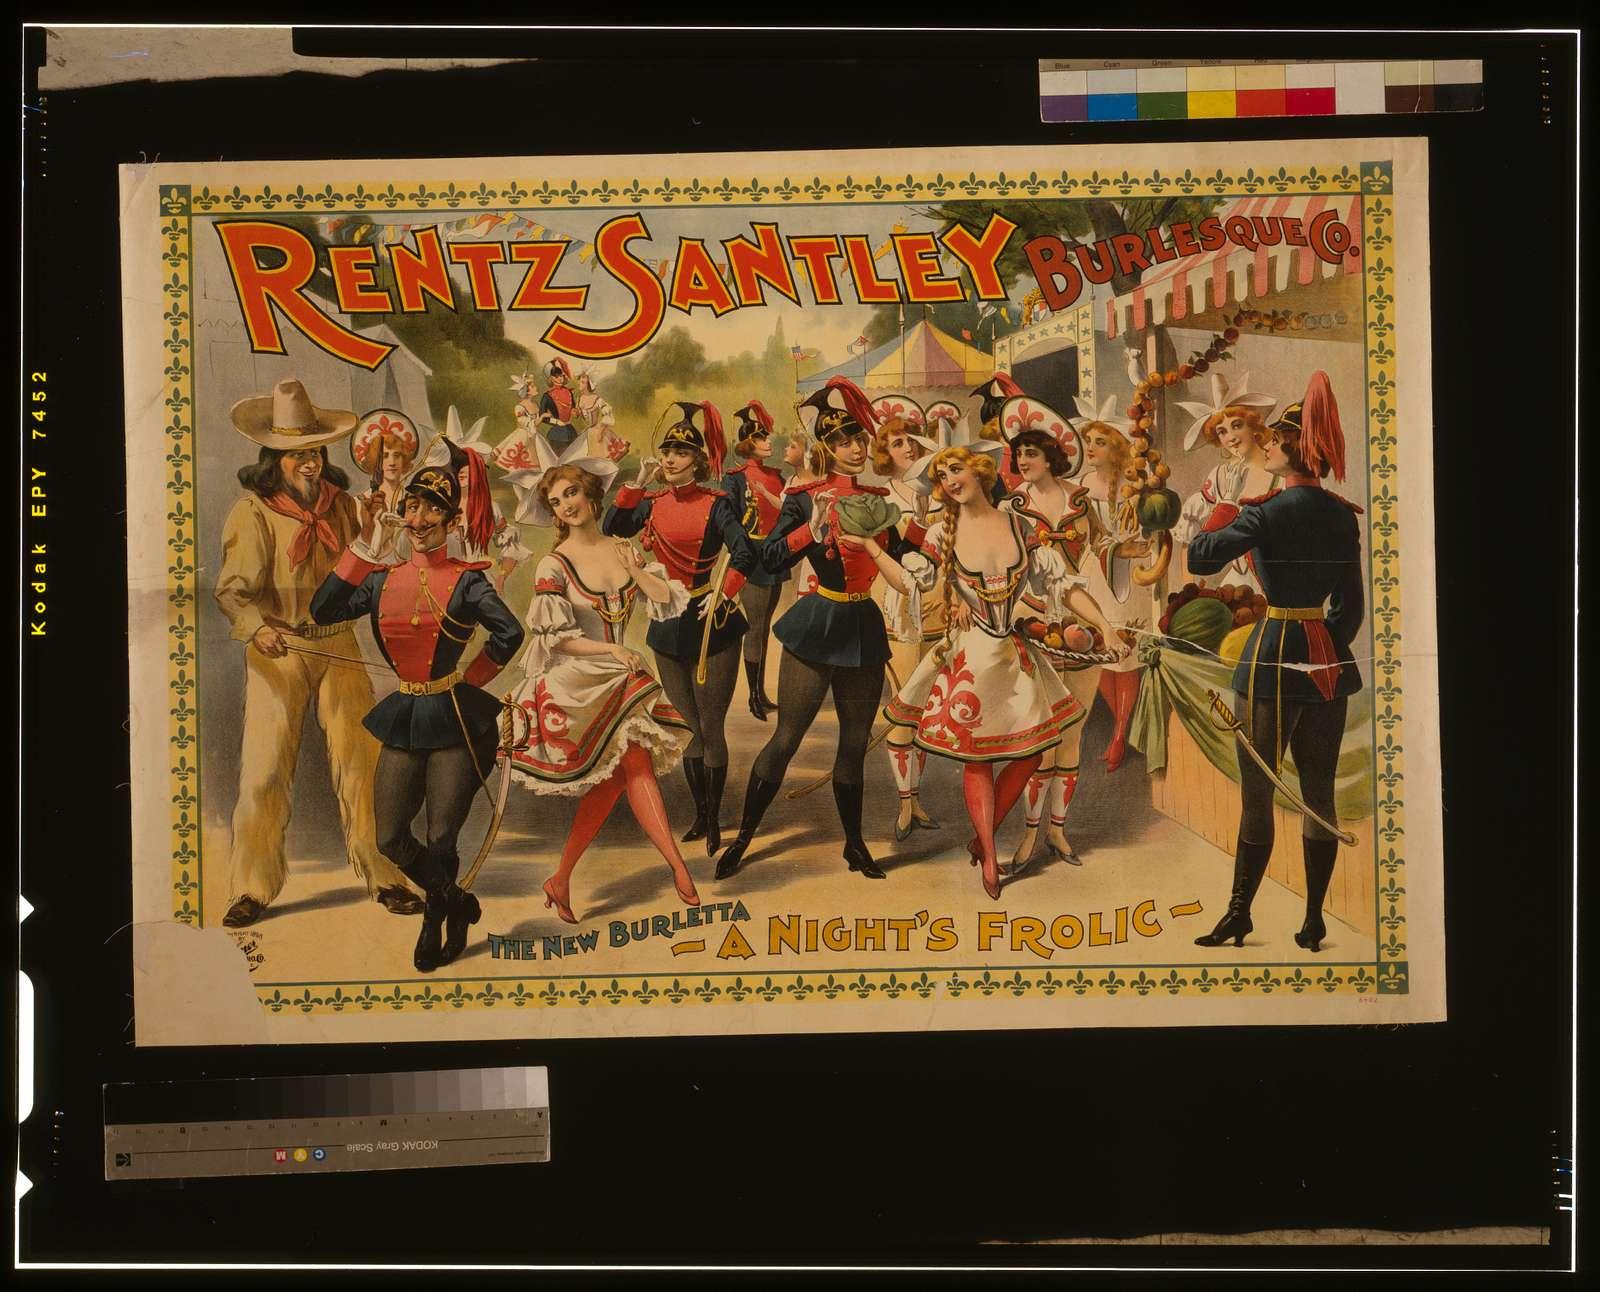 Rentz Santley Burlesque Co.